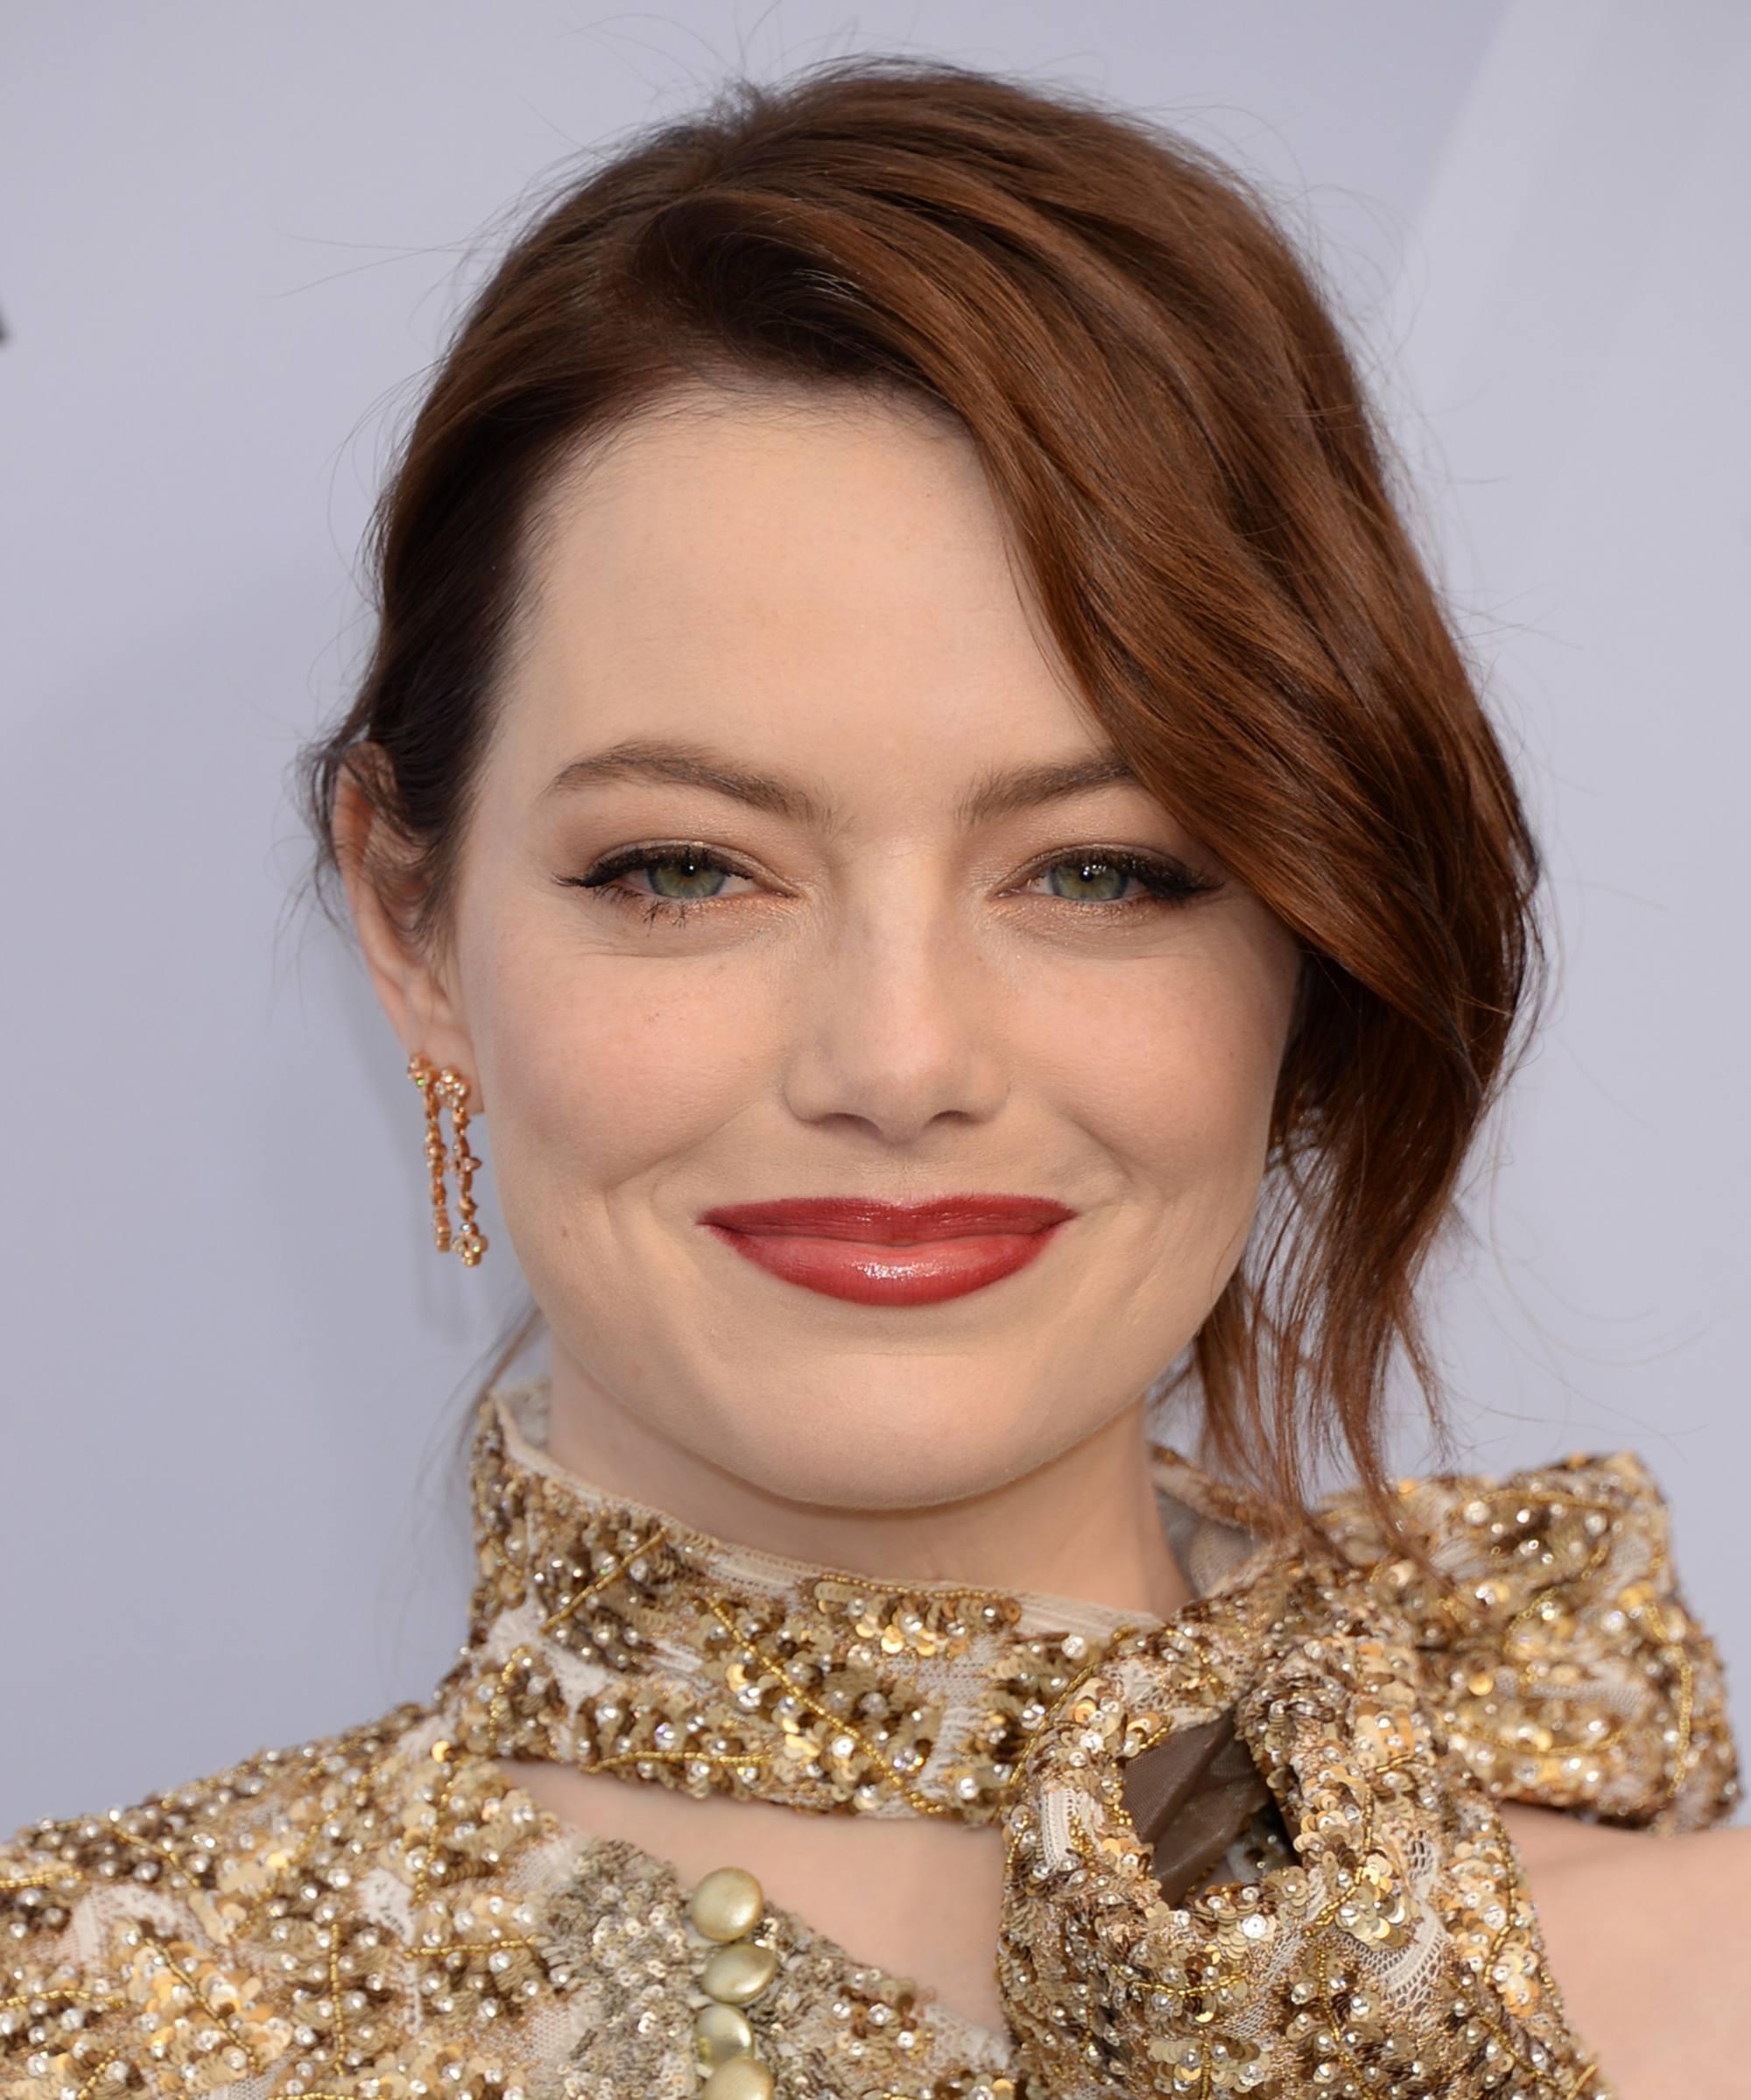 Les rousses célèbres : Emma Stone, aux cheveux ondulés rouge foncé, coiffée d'un updo avec une frange lâche sur le long côté et portant une robe dorée à col haut.